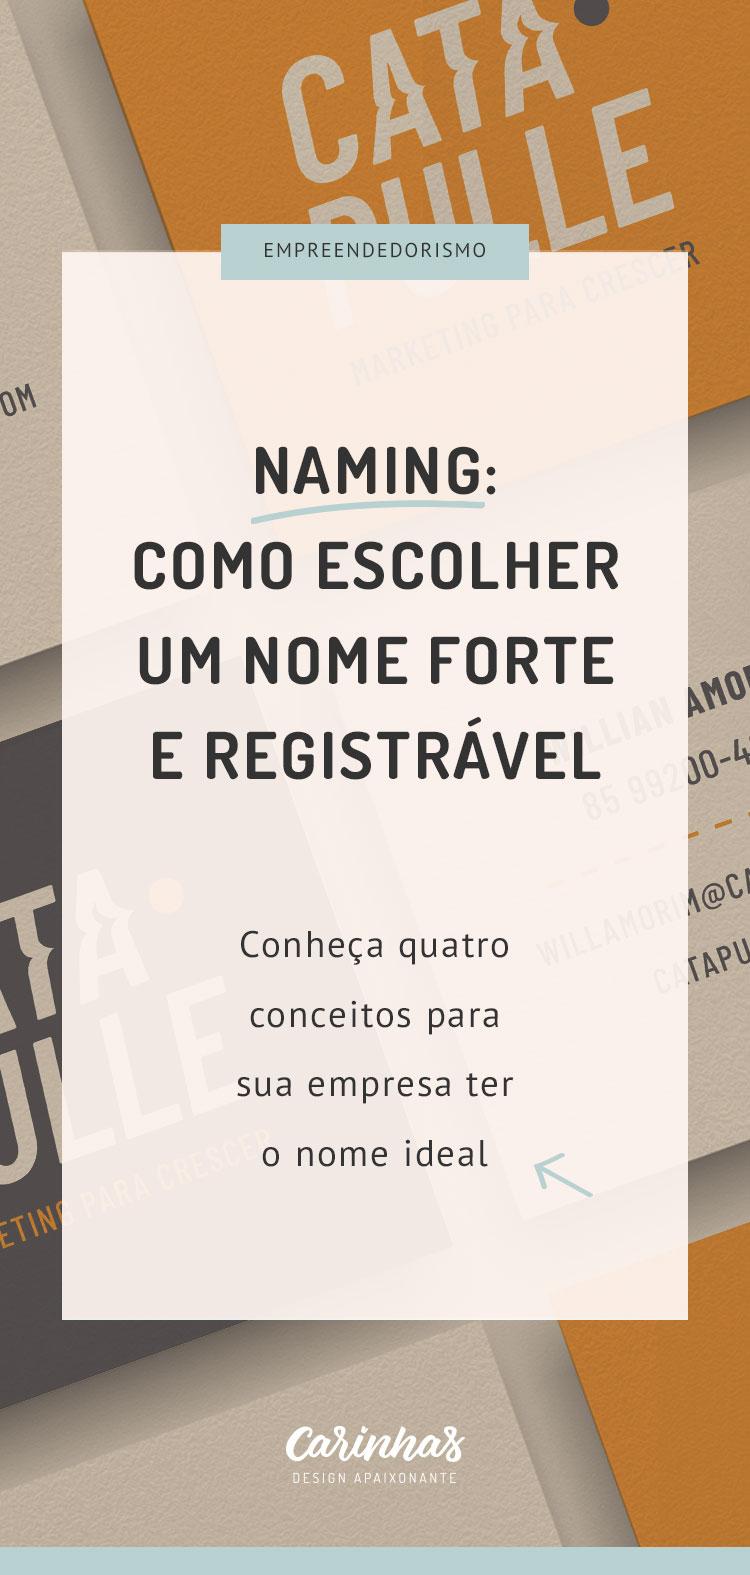 Naming: Como escolher um nome forte e registrável. Conheça quatro conceitos para sua empresa ter o nome ideal